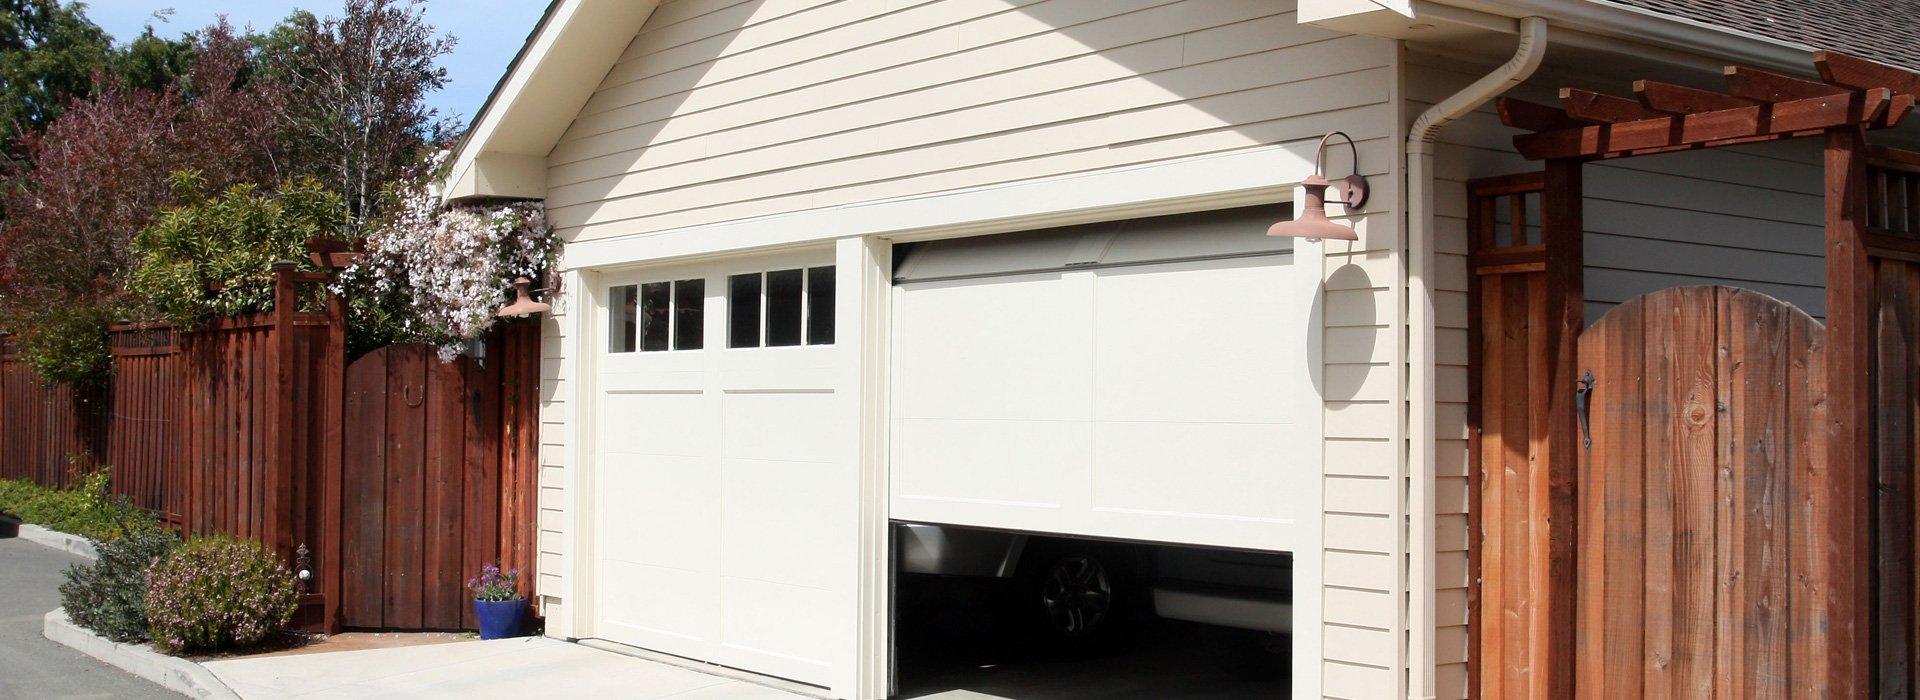 Residential Garage Door Double Door Beatrice Ne